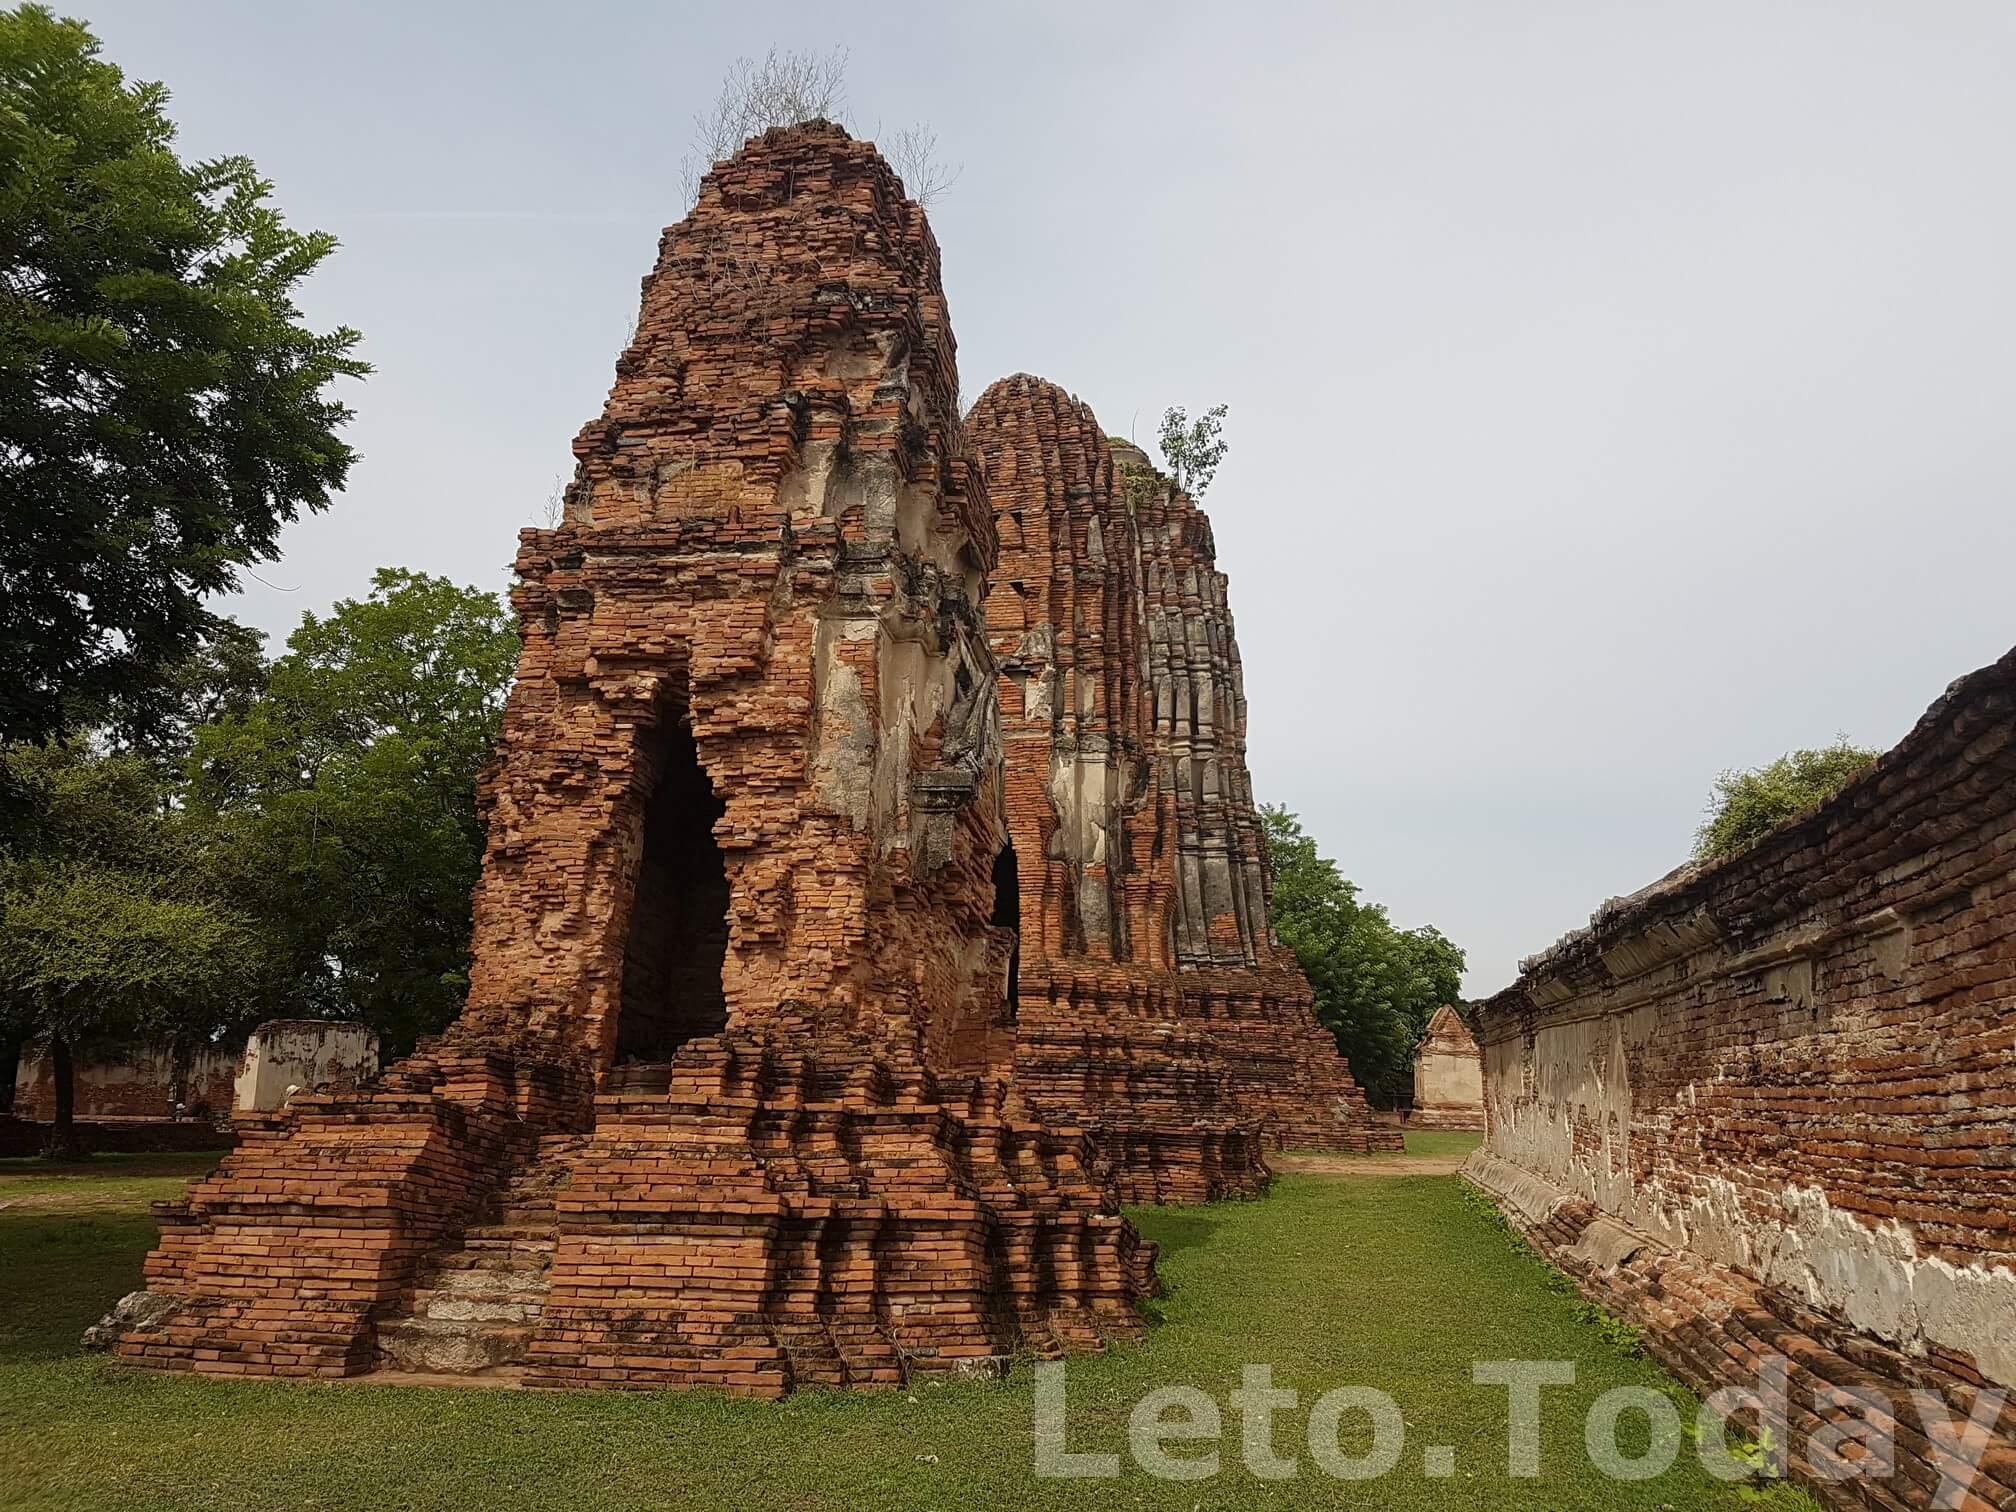 hram-wat-phra-mahathat-ayutthaya-2